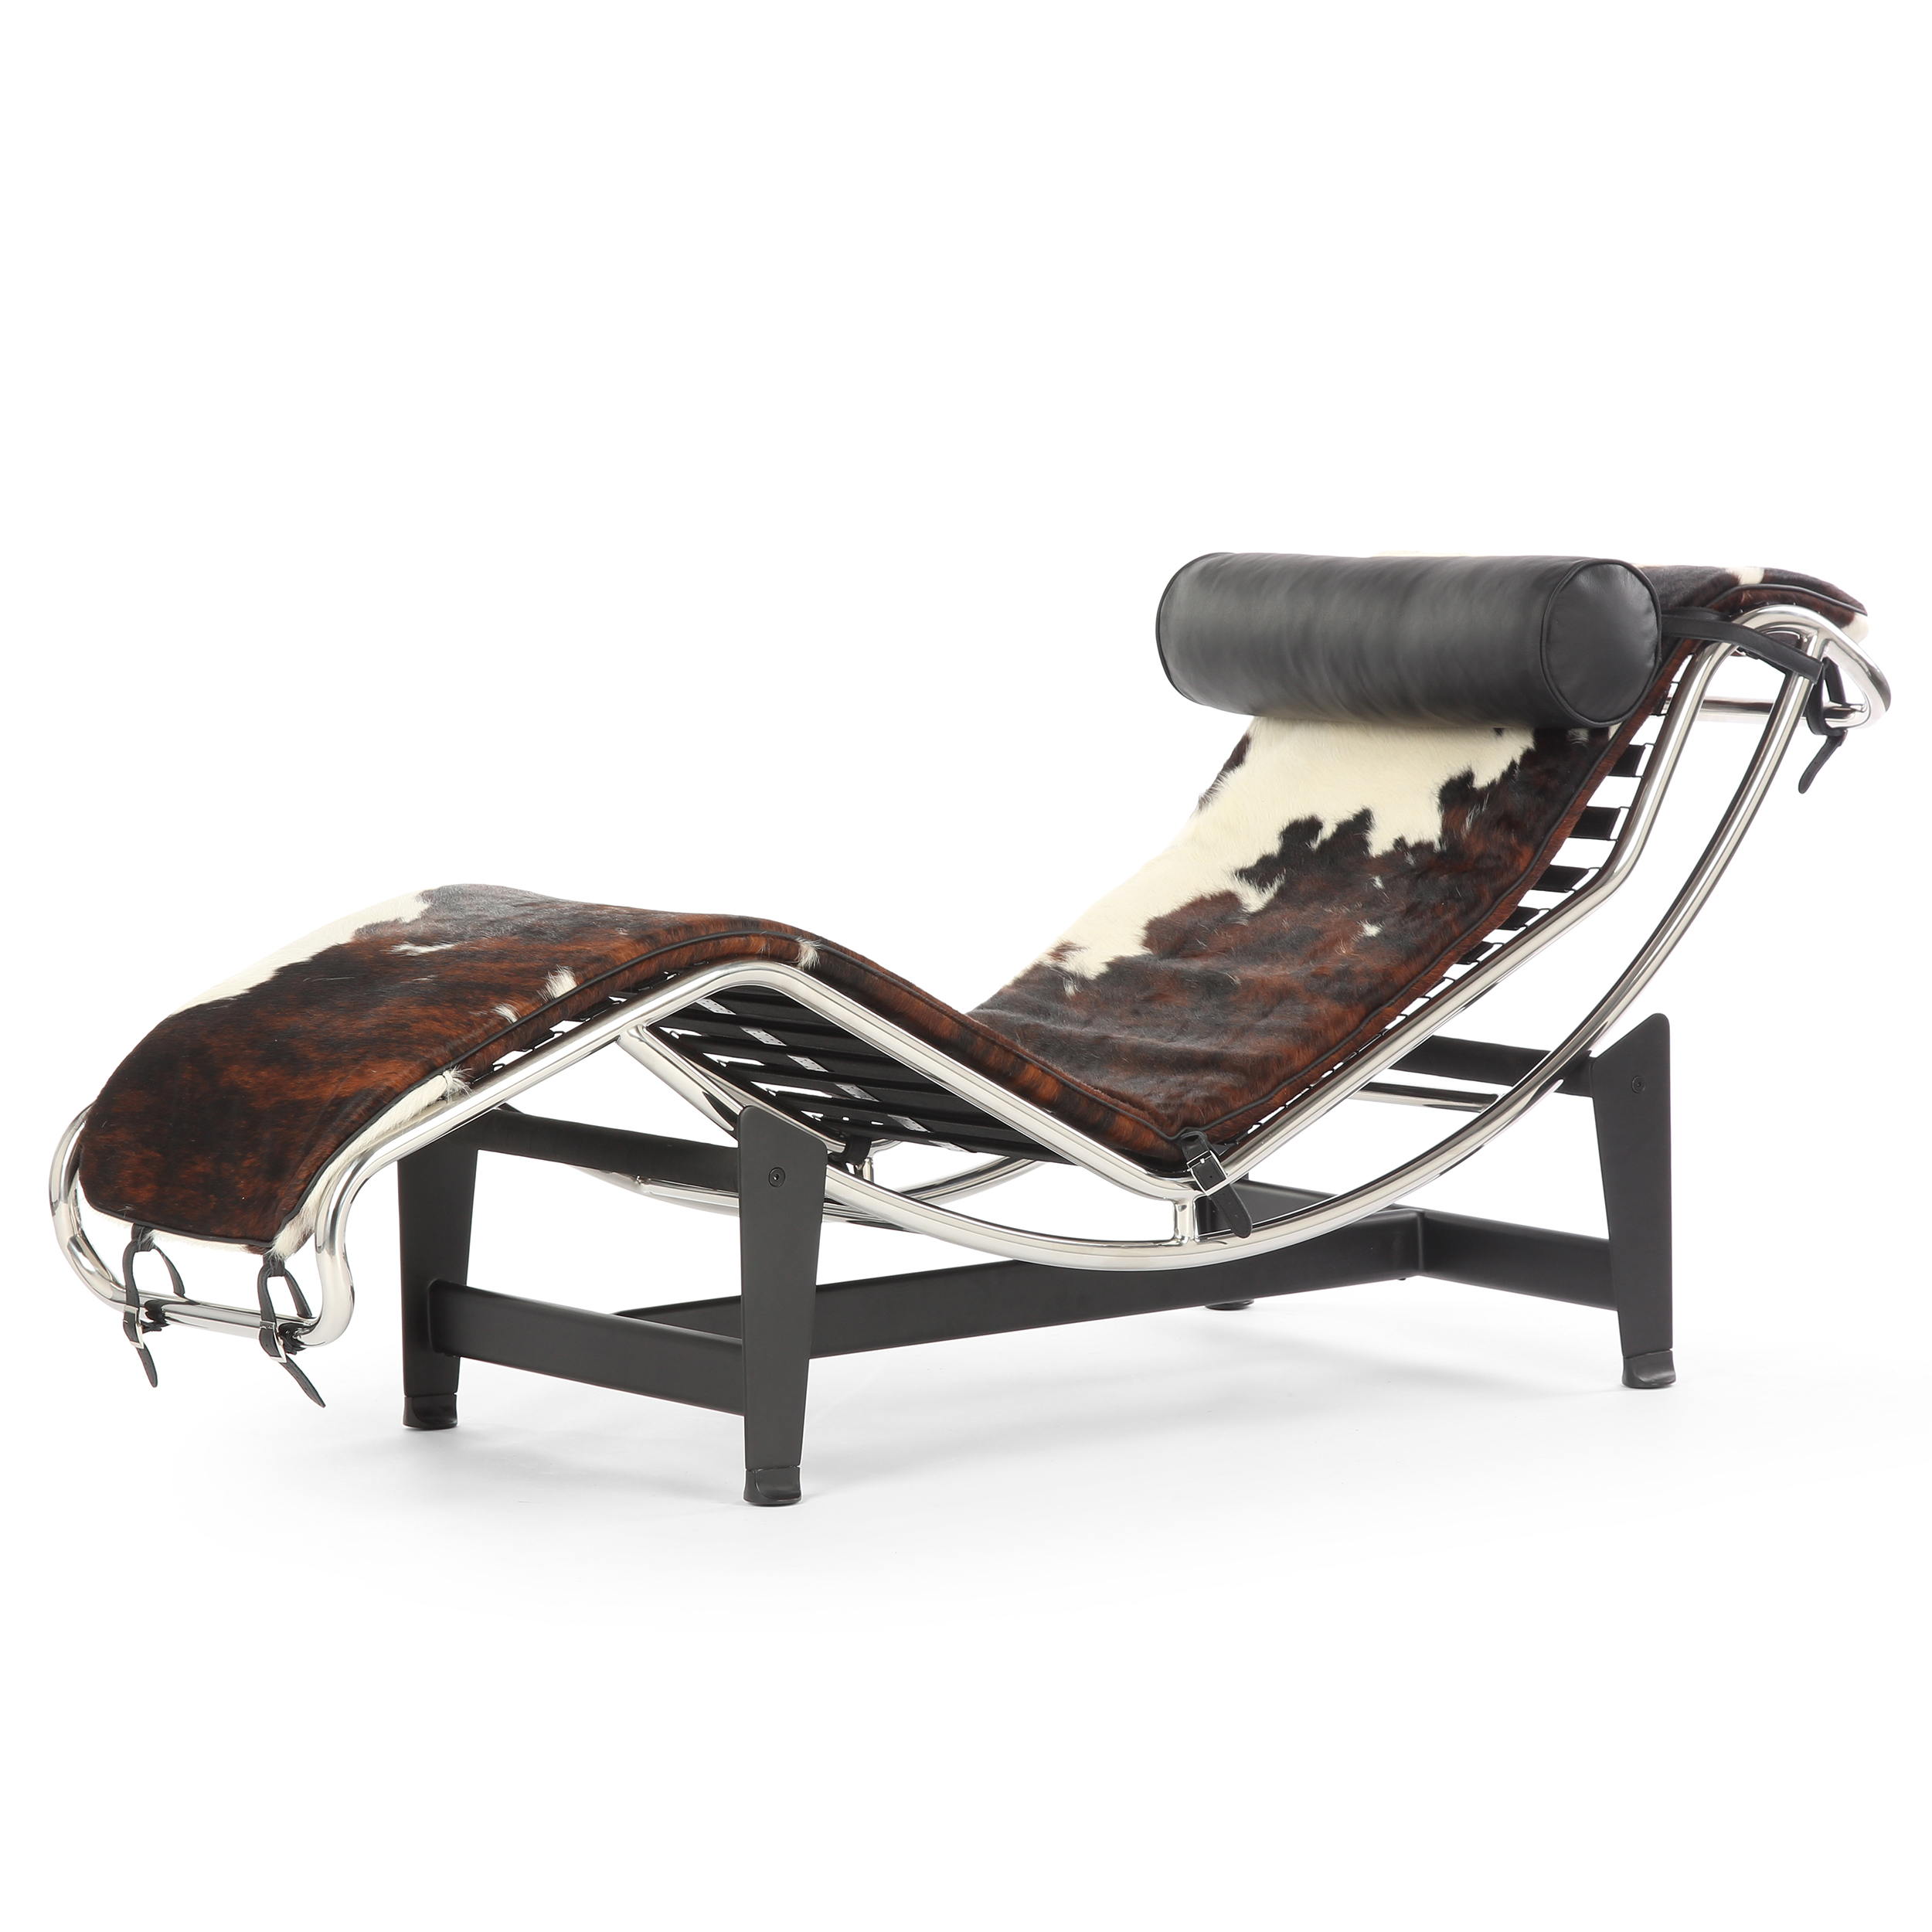 Кушетка LC4Кушетки<br>Карьера Ле Корбюзье насчитывает 85 лет, а его проекты являются одними из самых легко узнаваемых и уважаемых в мебельной промышленности. Один из них — кушетка LC4. Созданая Ле Корбюзье в 1928 году классическая кушетка для гостиной LC4 породила множество подражателей.<br><br><br> Мягкая подушка, обитая кожей, в сочетании с полированной хромированной сталью являет собой пример оригинального дизайна, сочетающего в себе комфорт с очаровательным минимализмом. Кушетка LC4 включена в постоянную коллек...<br><br>stock: 0<br>Высота: 81<br>Высота сиденья: 39<br>Ширина: 61<br>Глубина: 152<br>Цвет ножек: Черный<br>Цвет подушки: Черный<br>Материал каркаса: Сталь нержавеющая<br>Материал ножек: Сталь<br>Материал подушки: Кожа стандартная<br>Материал обивки: Шкура пони<br>Цвет обивки дополнительный: Черный<br>Цвет обивки: Коричневый с белым